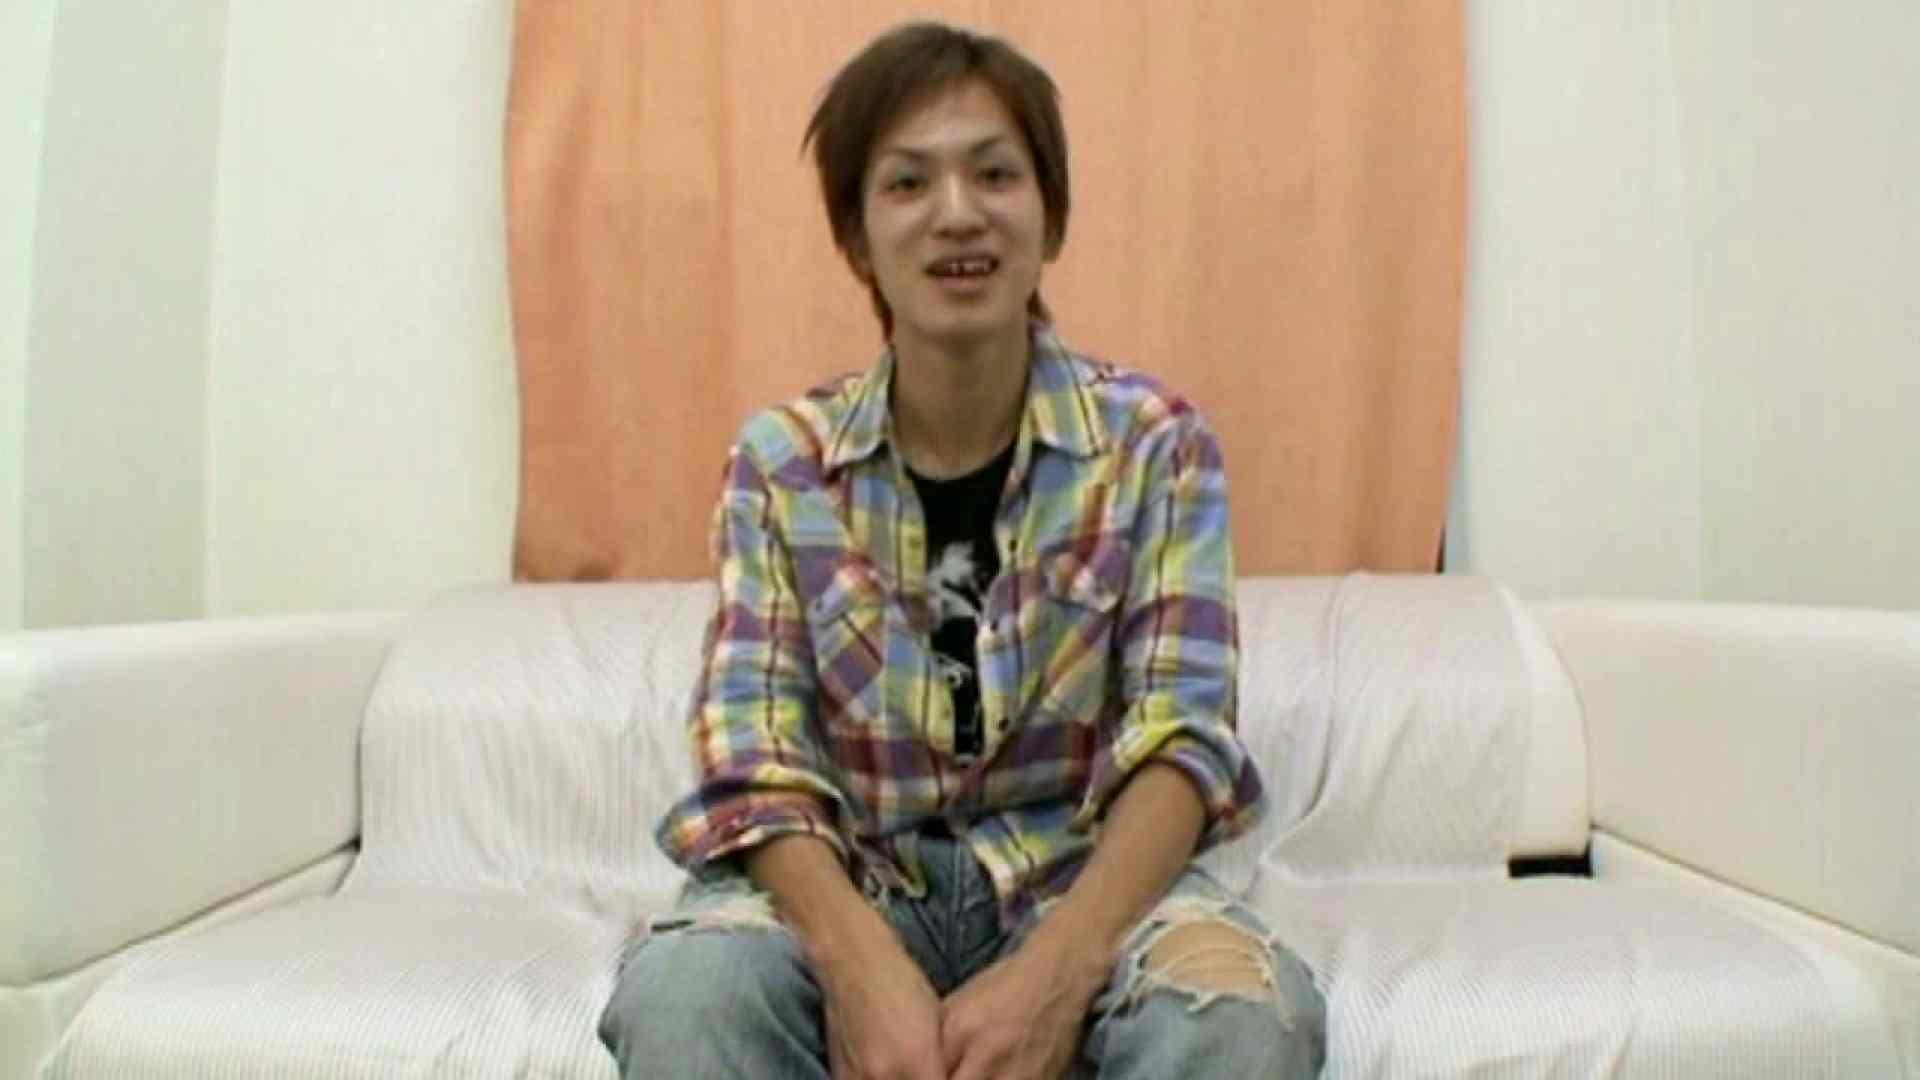 ノンケ!自慰スタジオ No.03 ゲイイメージ ゲイアダルト画像 58pic 30